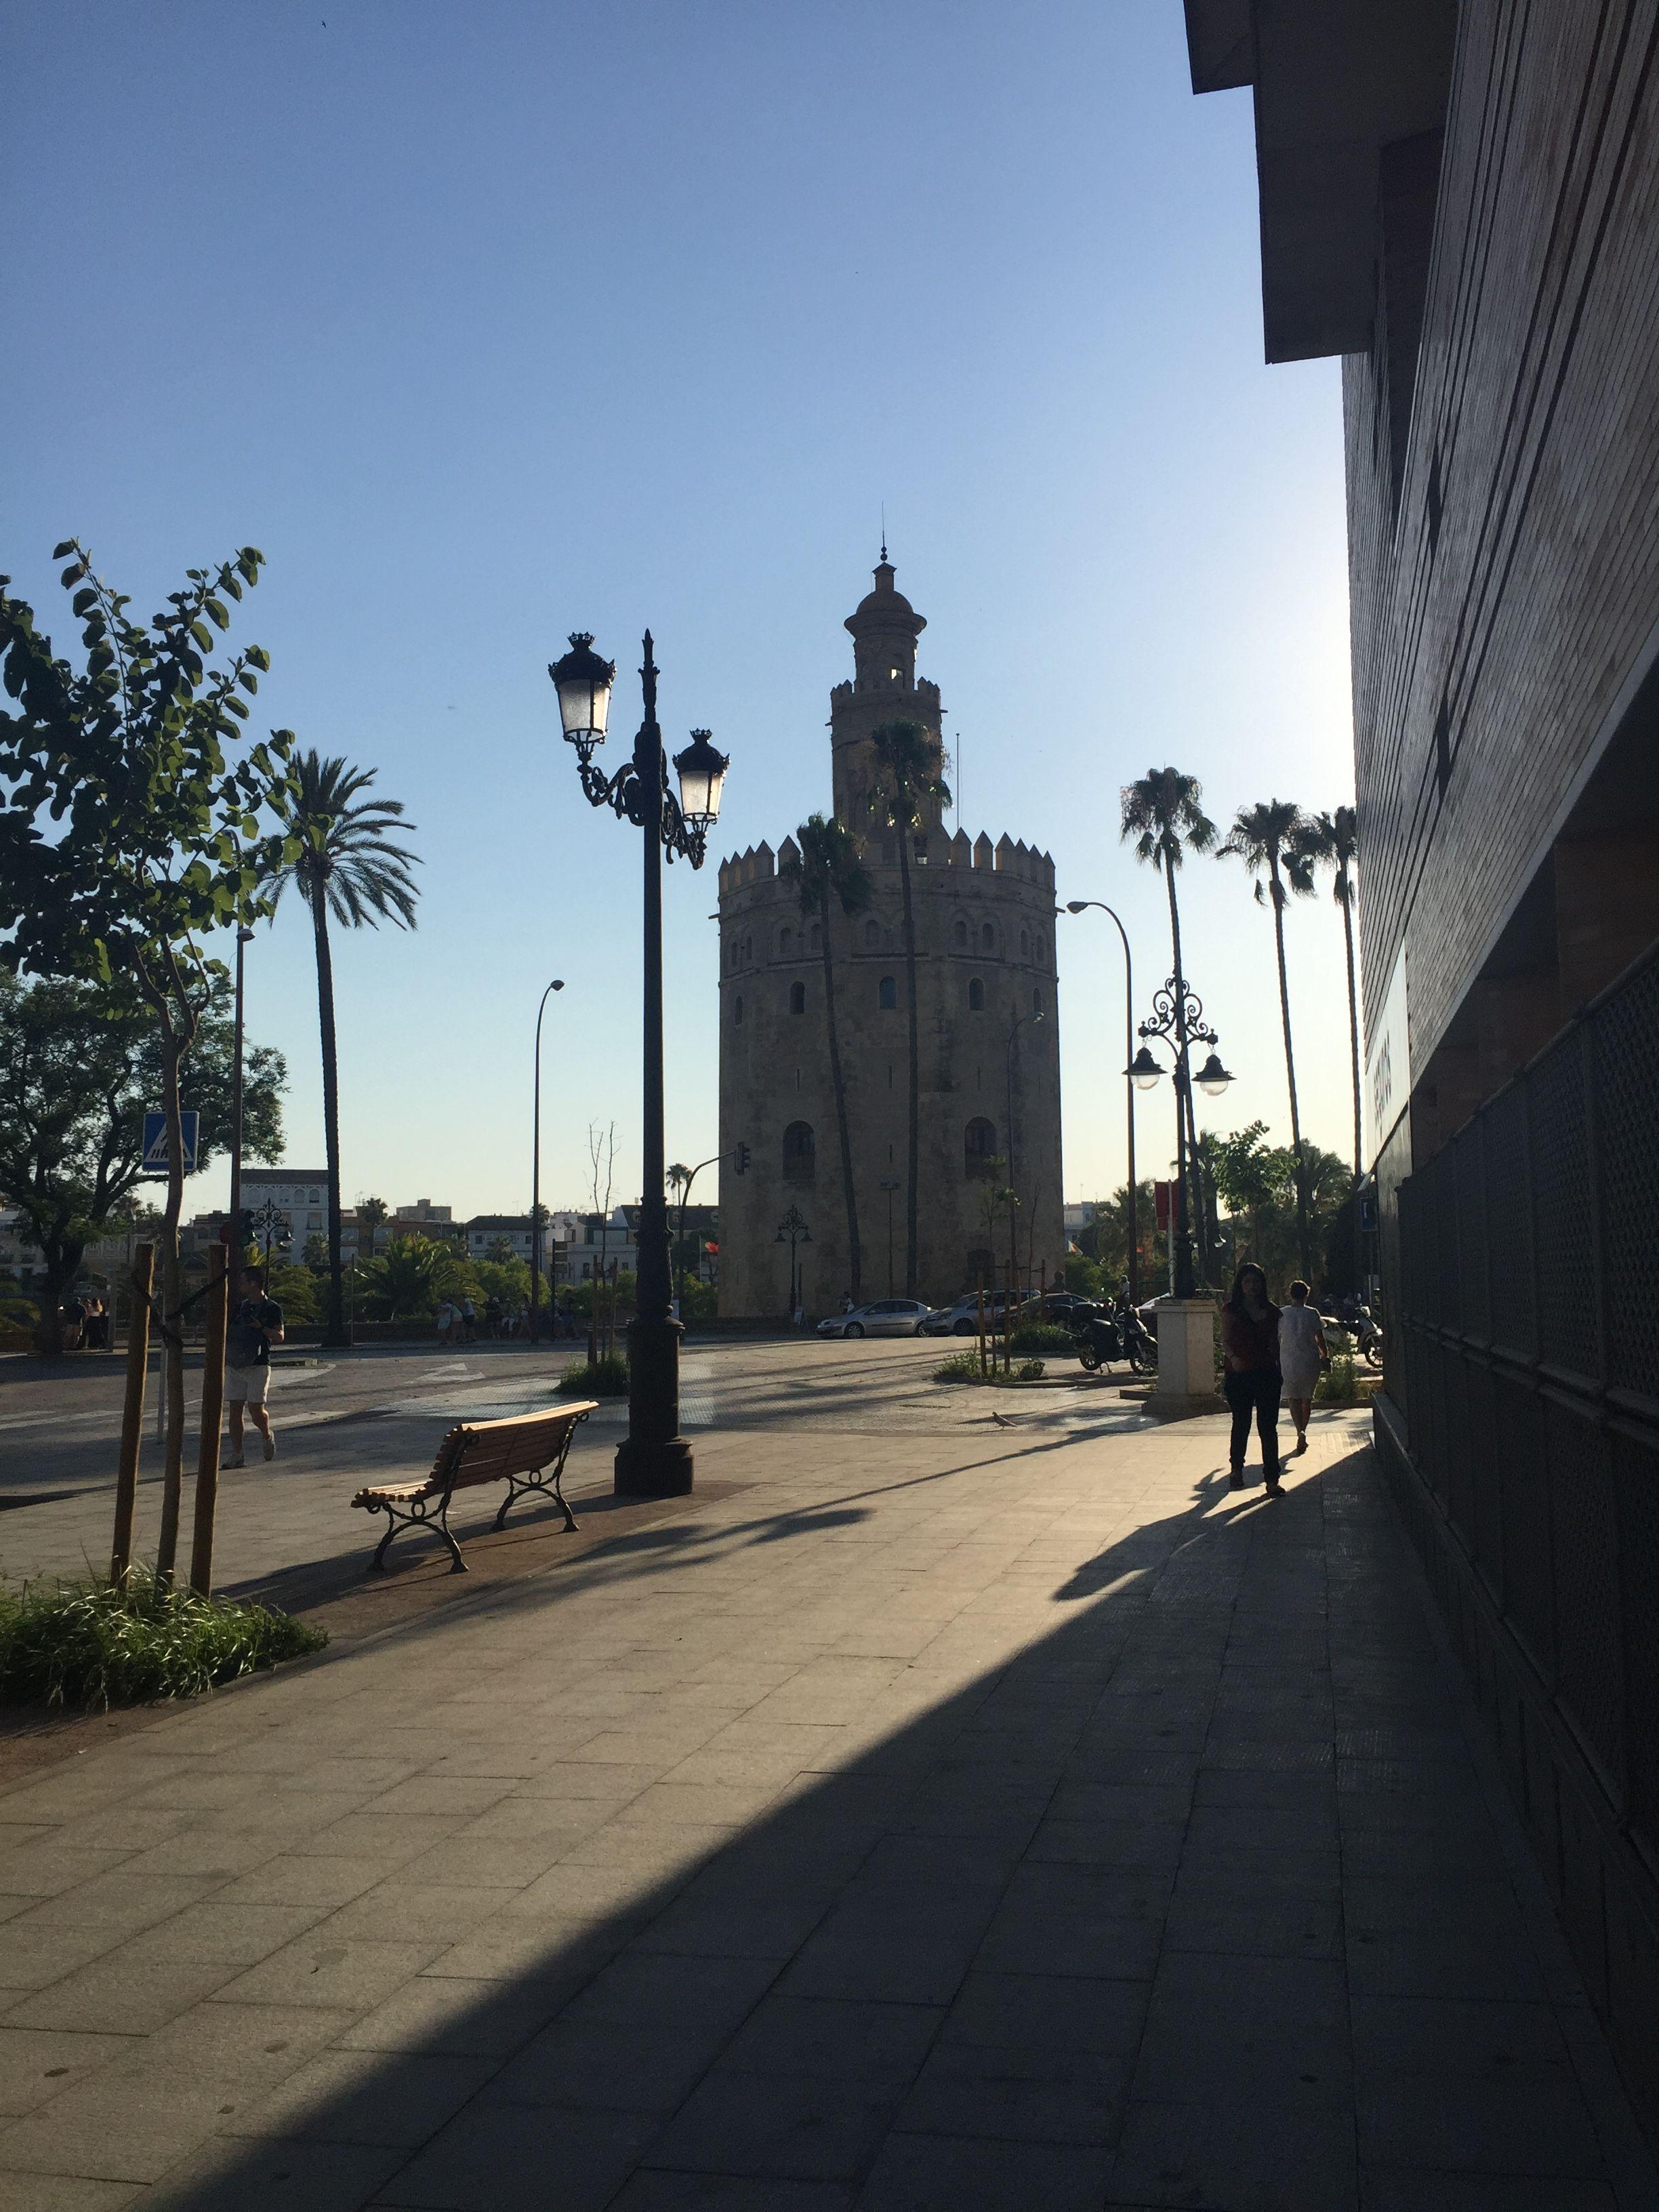 Giralda de Sevilla. Es el minarete de la antigua mezquita sobre la que se construyó la catedral. Es coronada por una desmesurada de veleta de bronce.